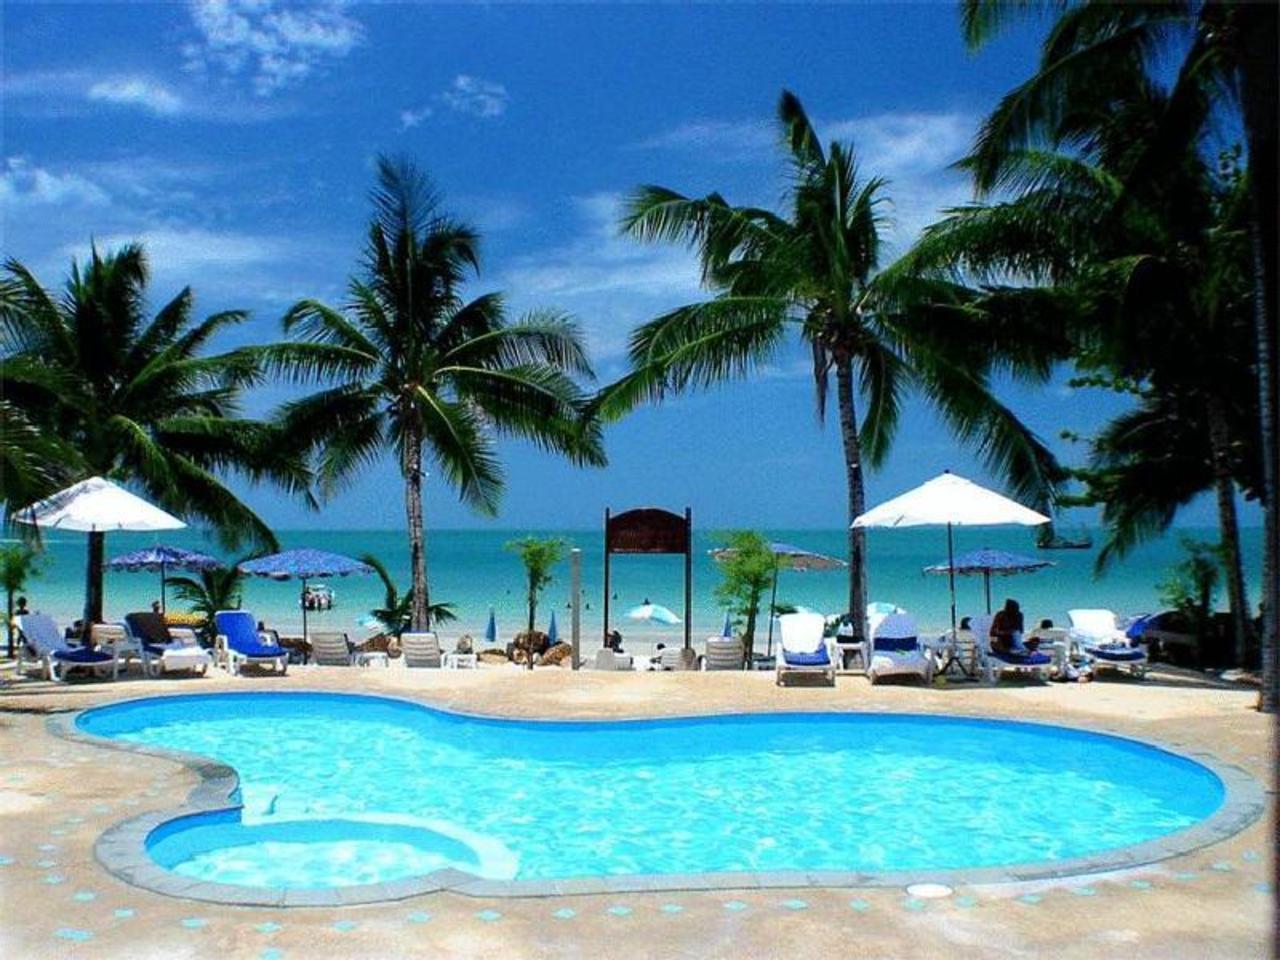 ซีสเคป บีช รีสอร์ท (Seascape Beach Resort)